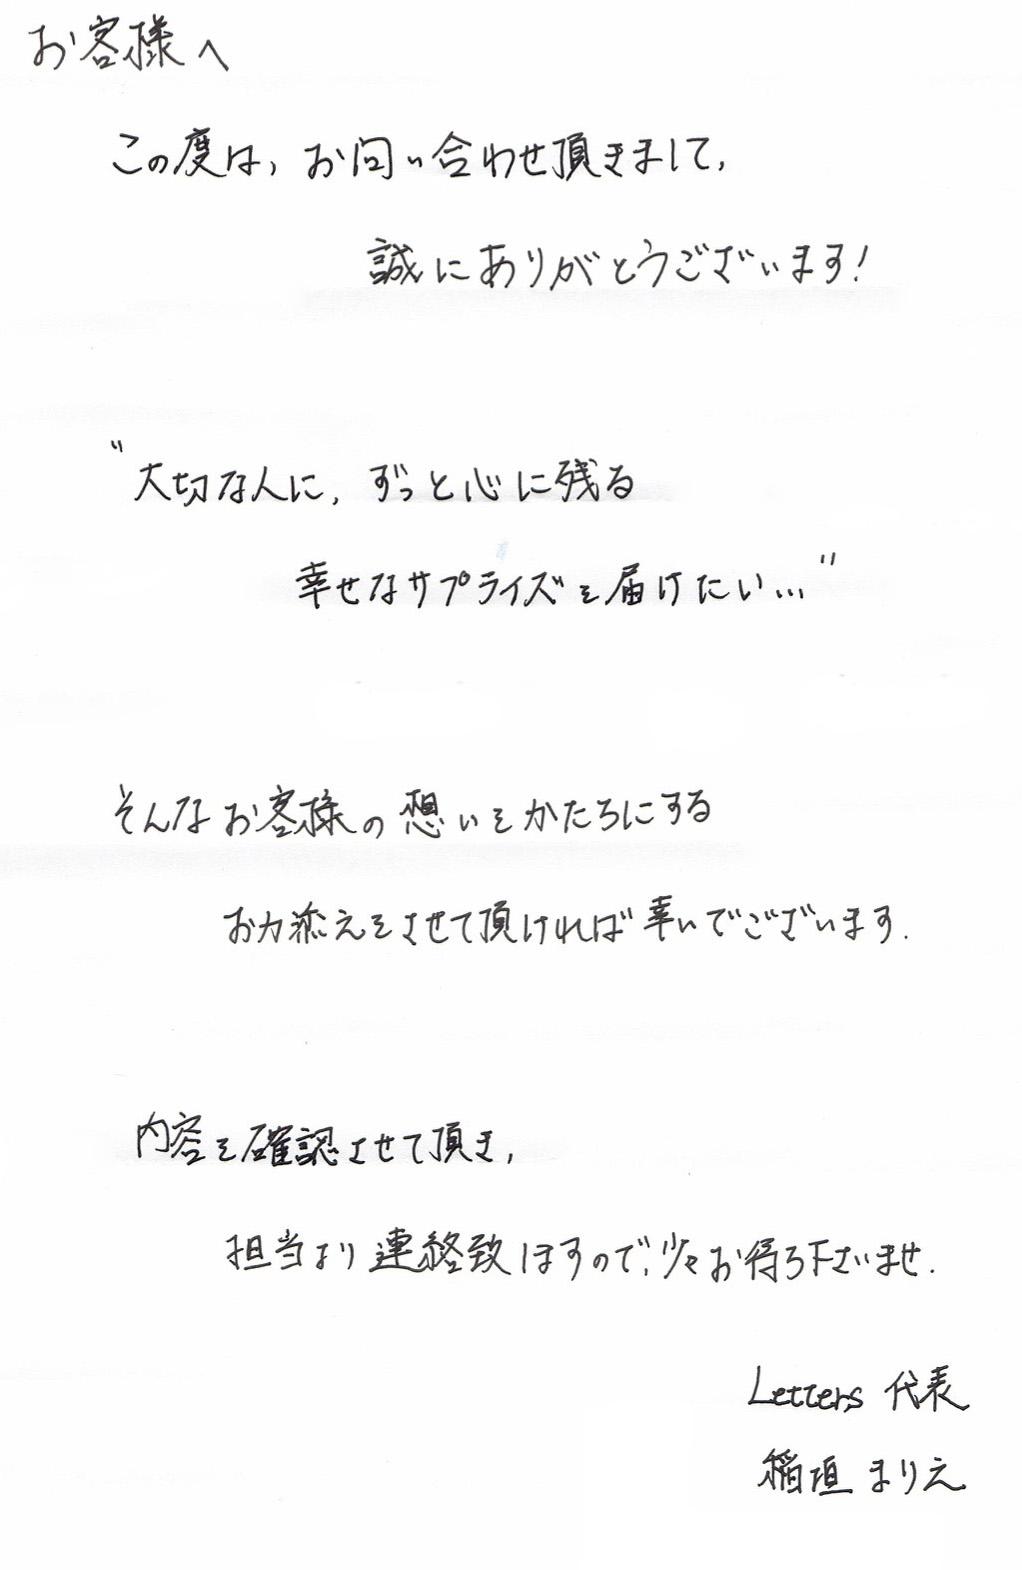 CCF20160703_0001のコピー 2